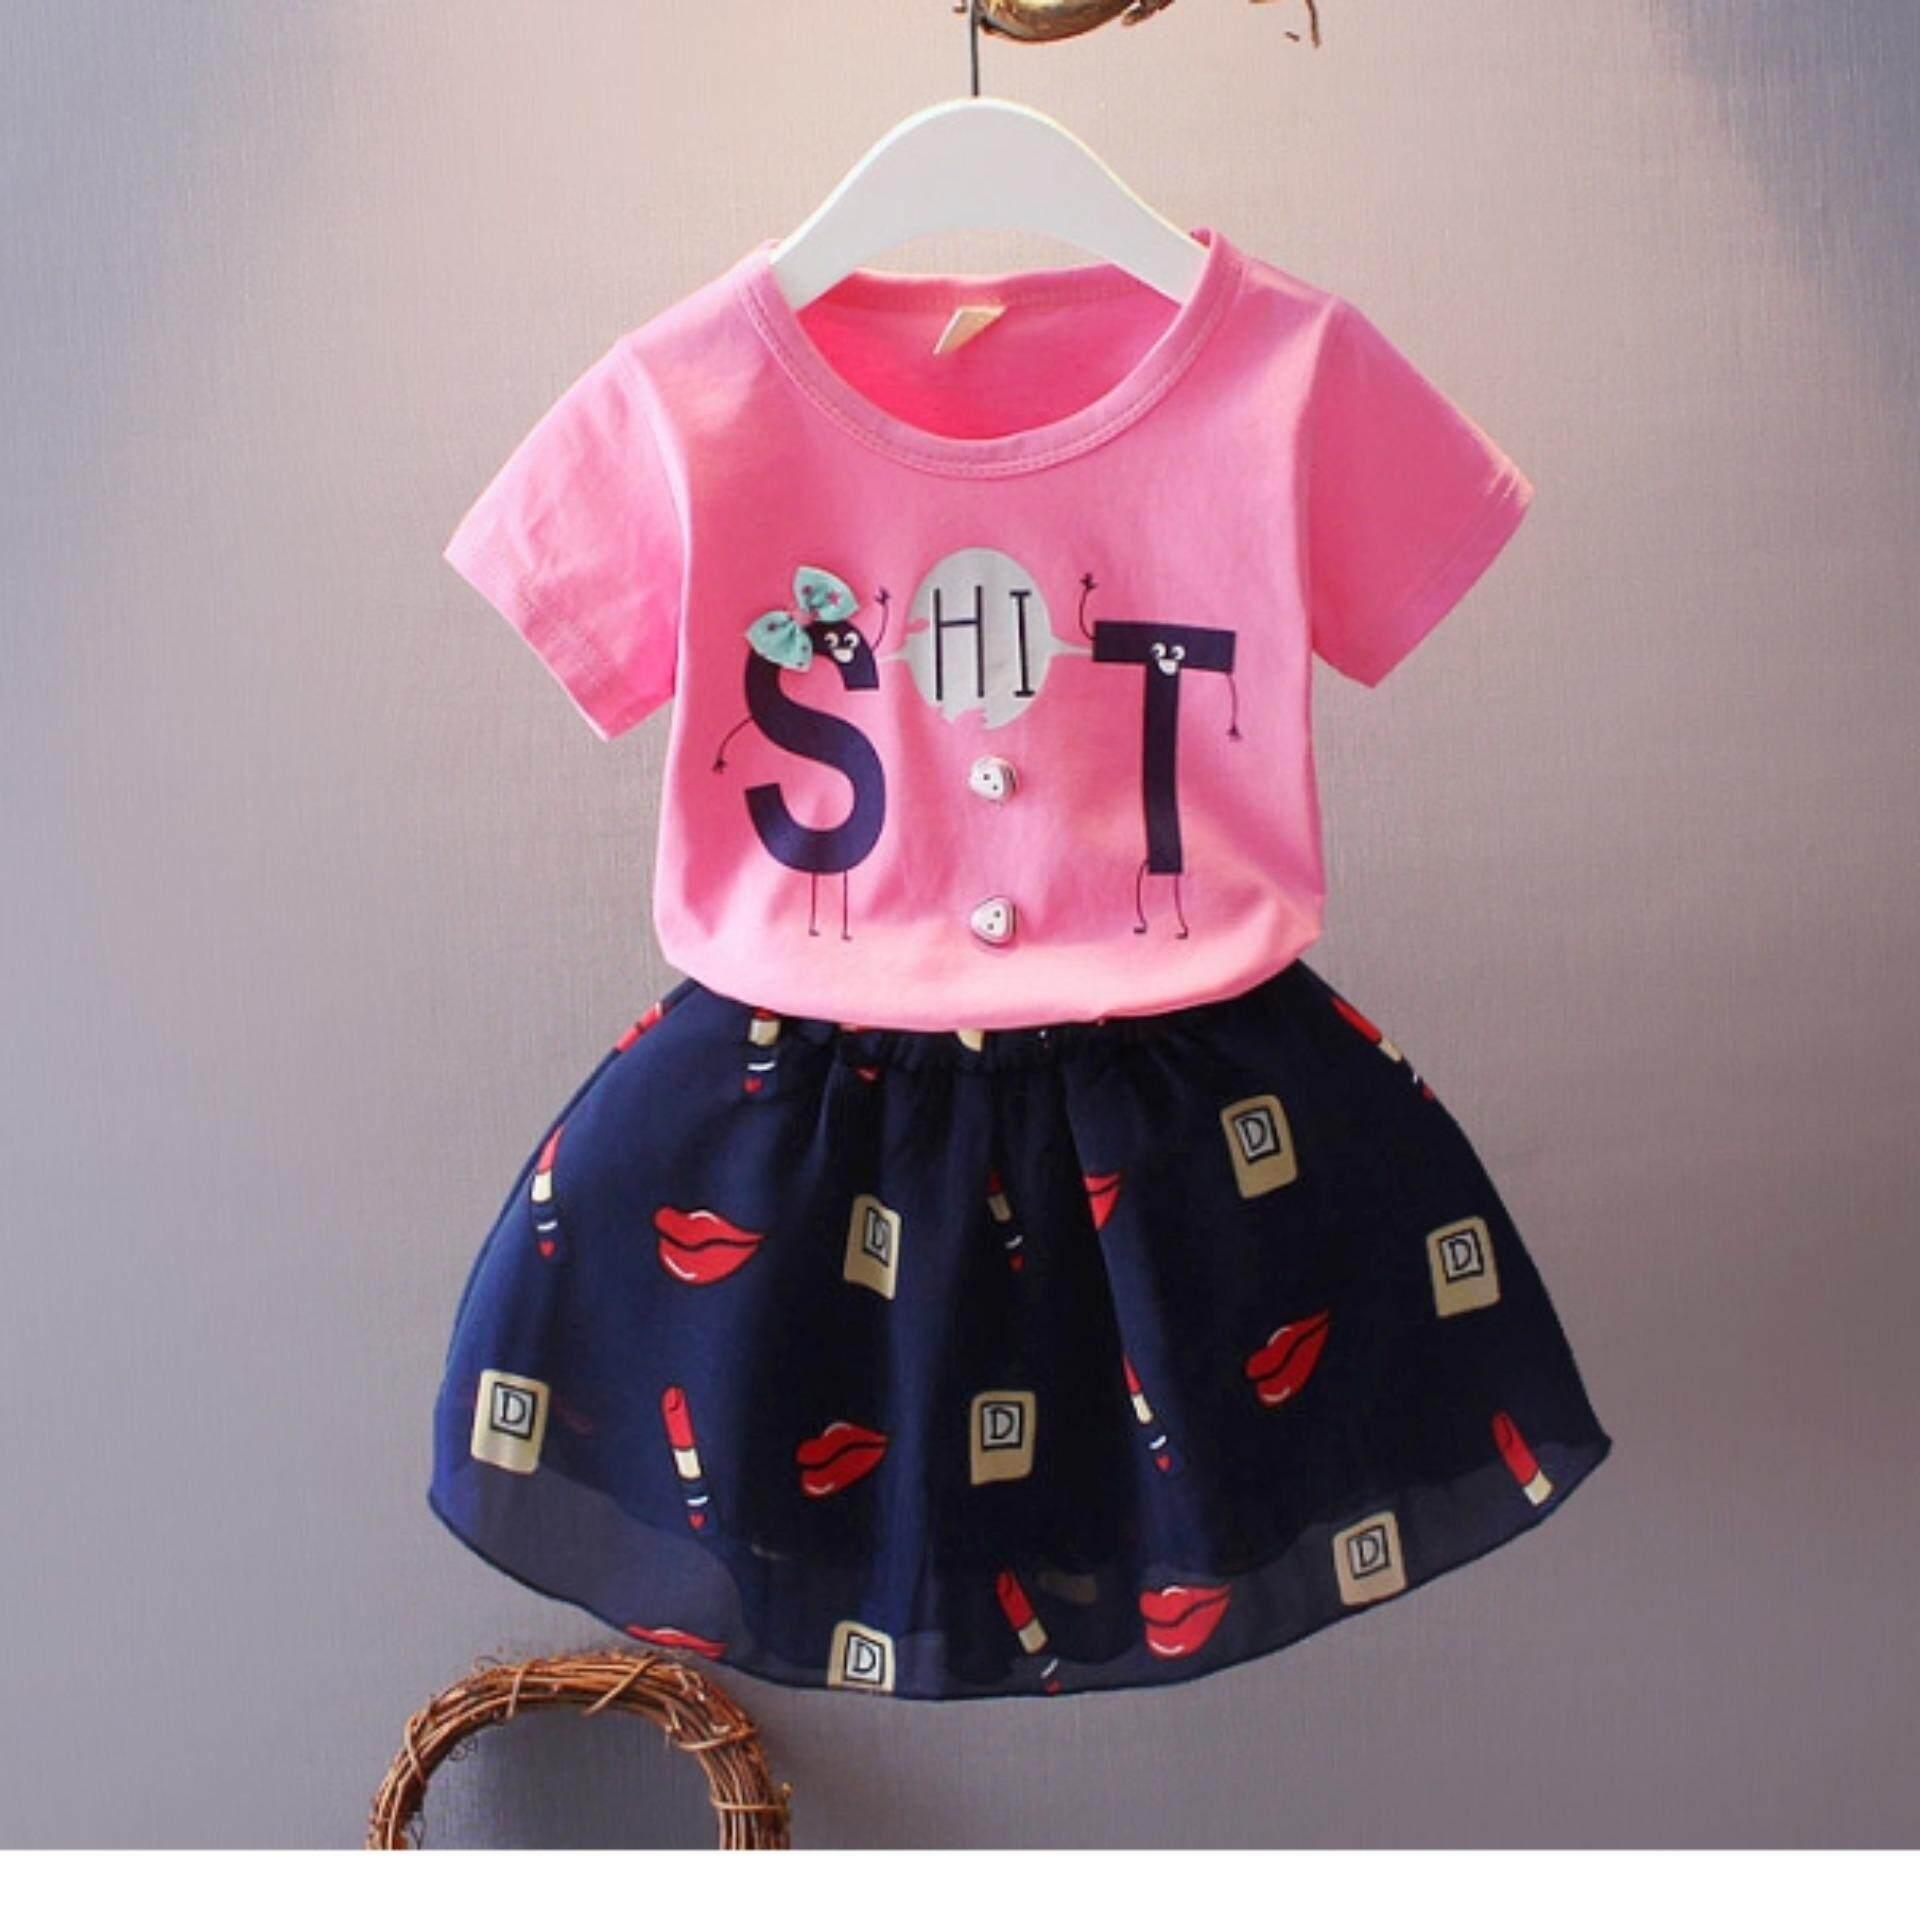 ชุดกระโปรงเด็กผู้หญิง Kids Clothes น่ารักมากกกก ไซส์ 70-140 ซม./6 เดือน-10 ปี By Pae Kids Shop.